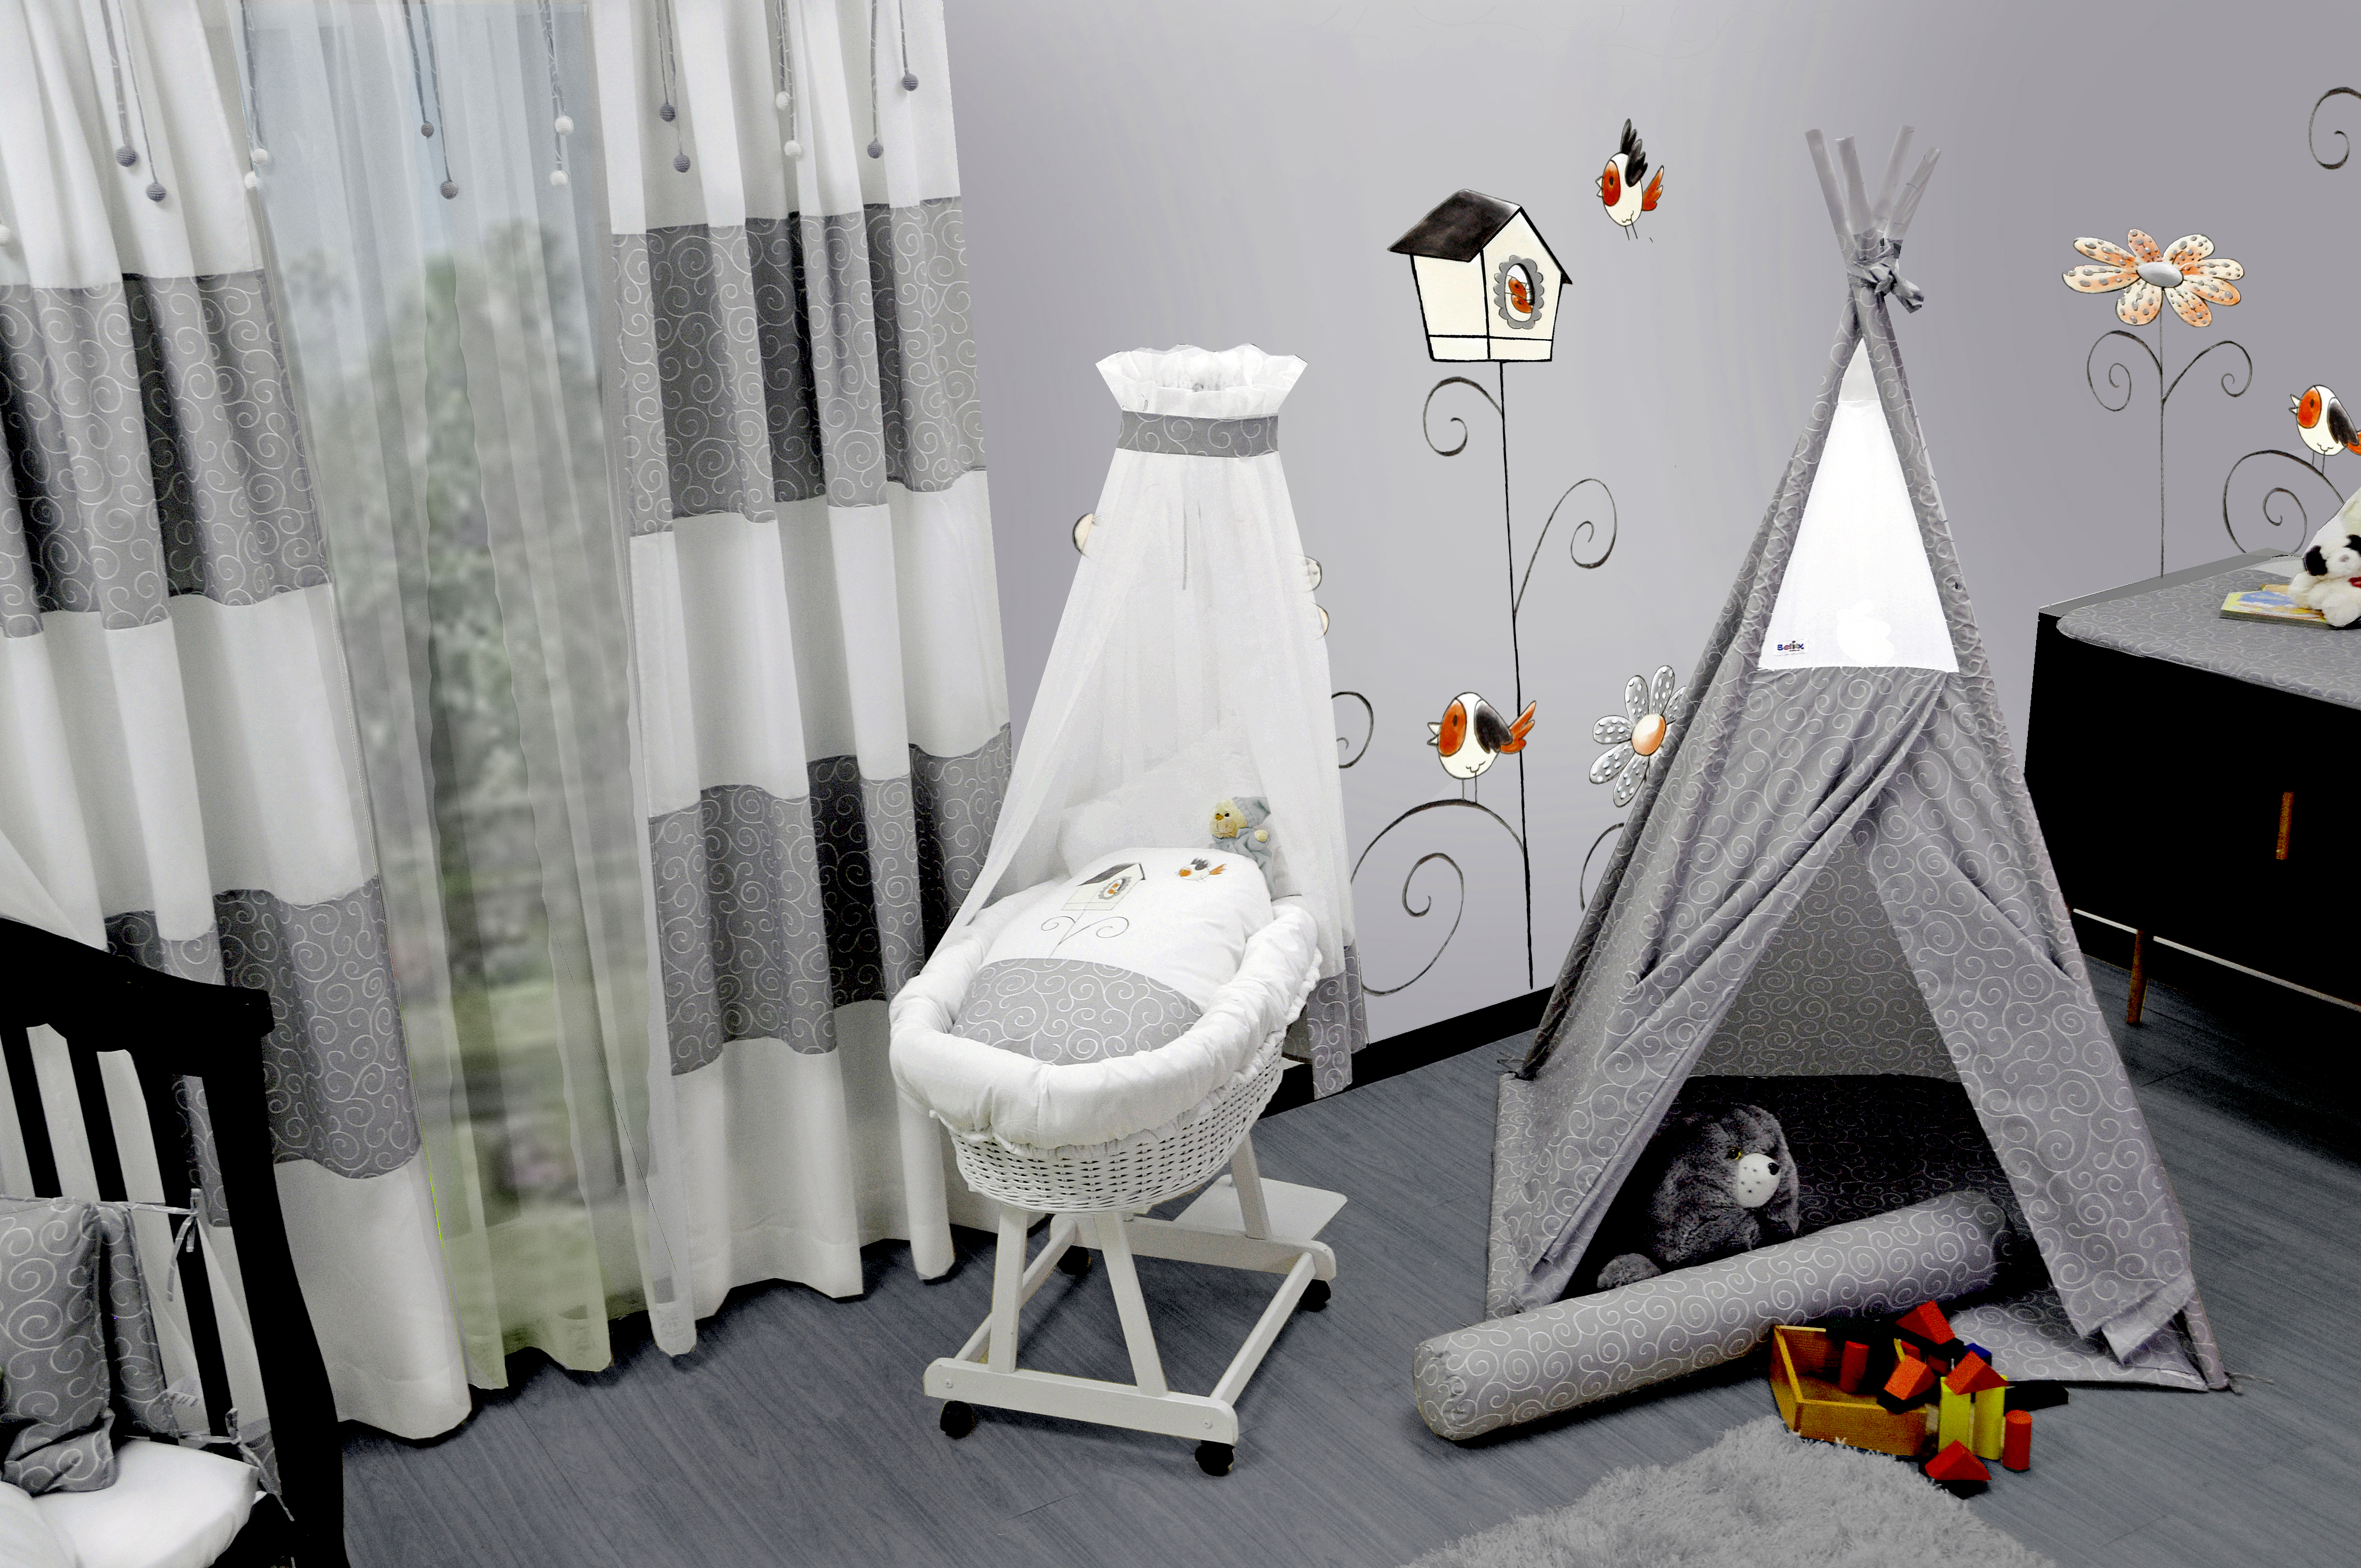 Vogelhaus design baby zimmer label für wickeltaschen